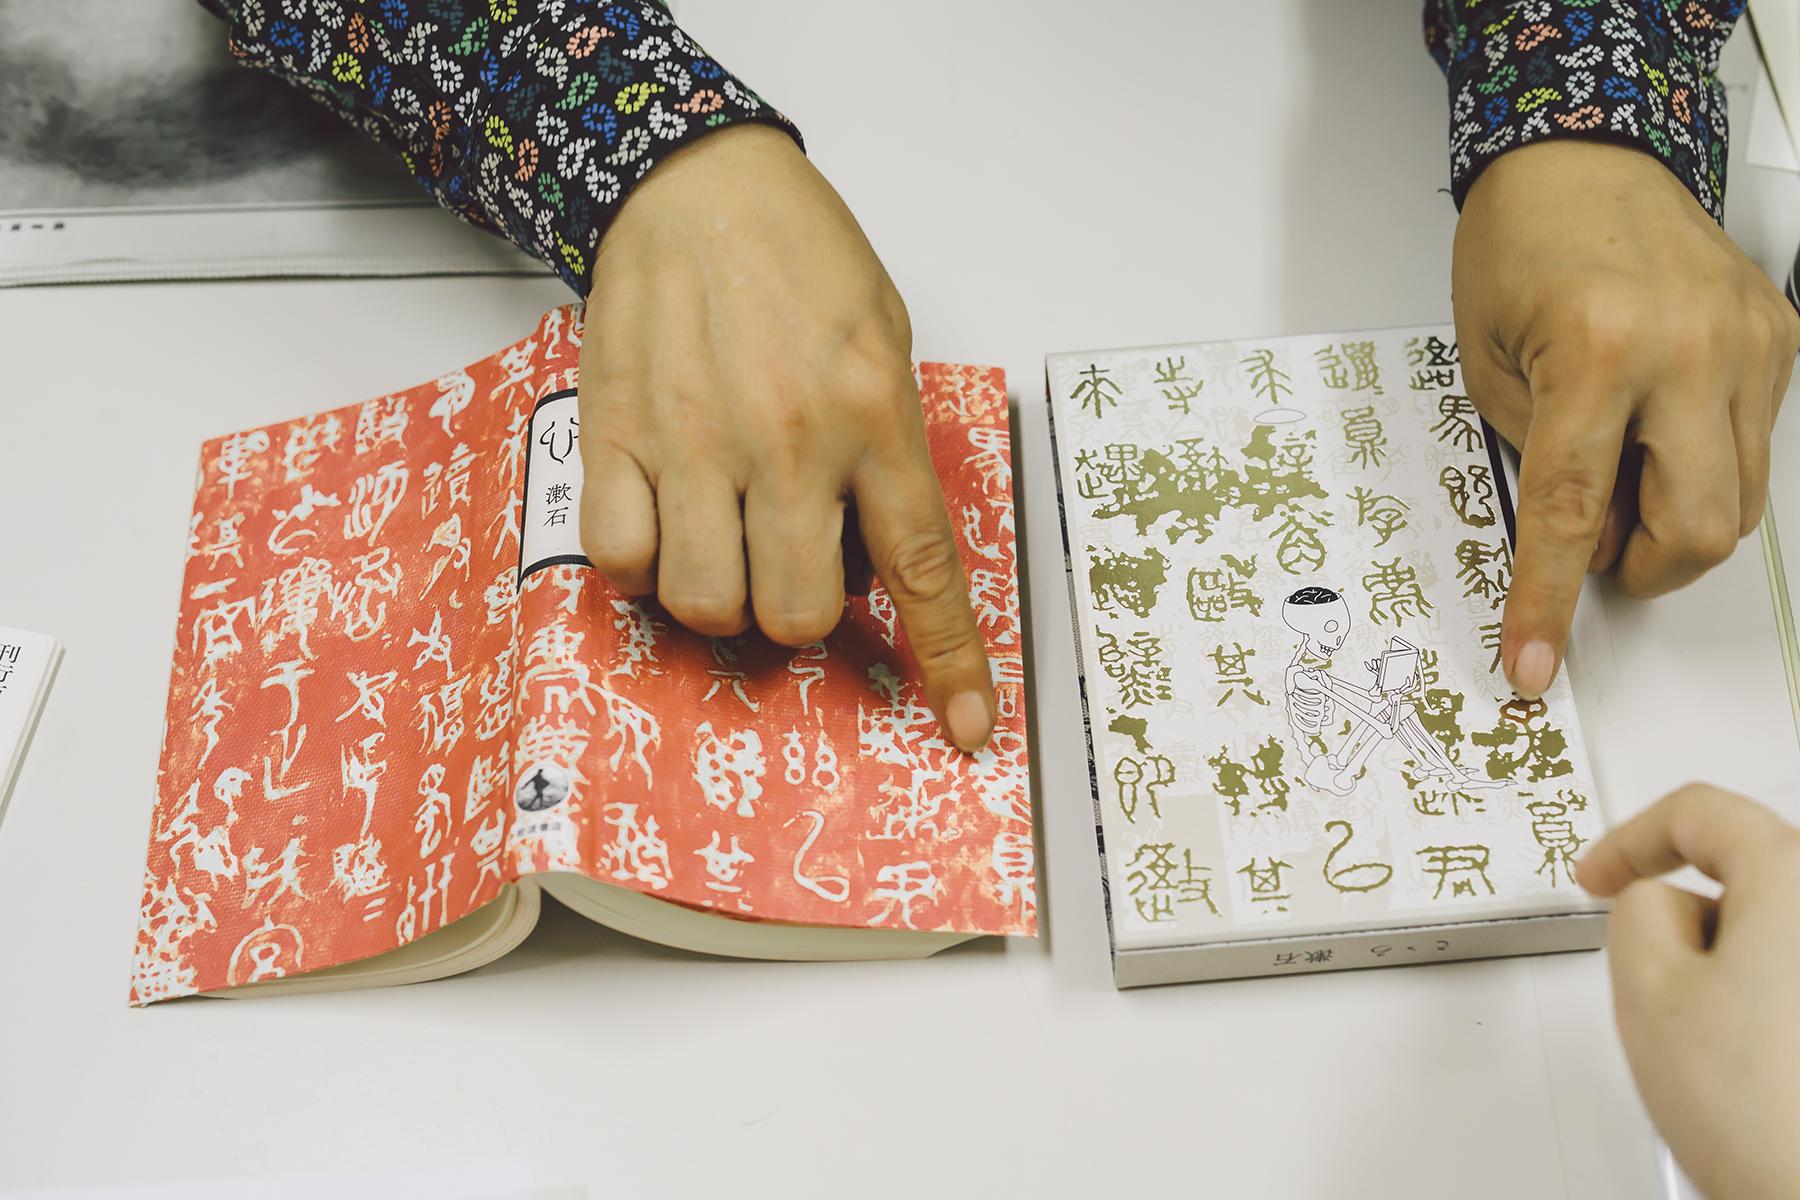 祖父江慎在夏目漱石百年紀念版的《心》復刻夏目漱石原畫,並還原雕刻圖章、序言以及夏目漱石用紅筆親手秋改的校對版面。